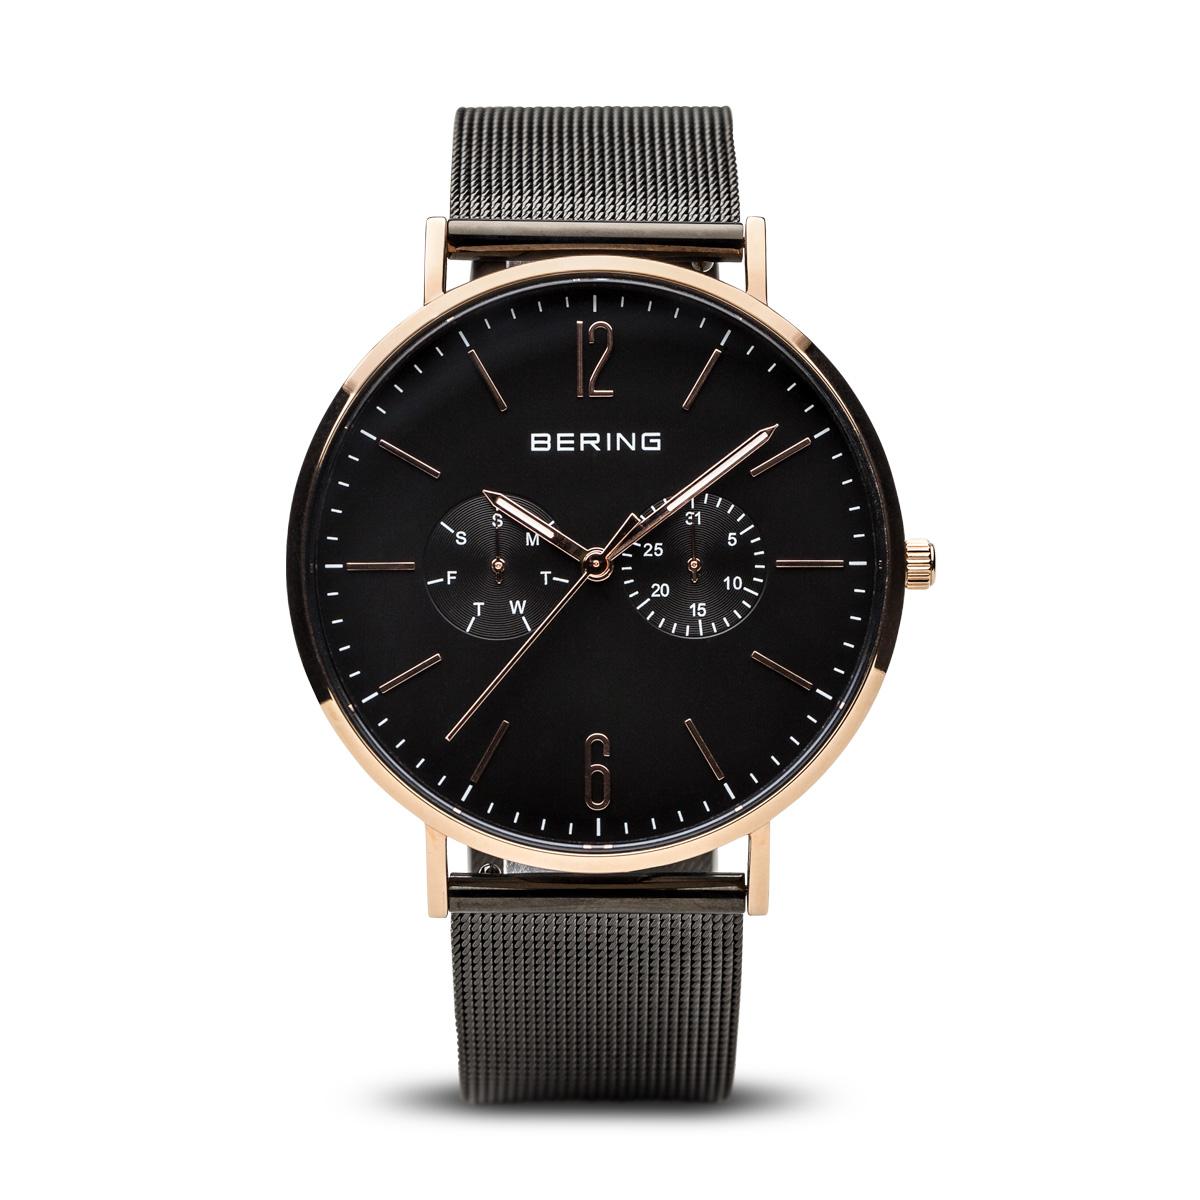 שעון ברינג דגם 14240-166 BERING